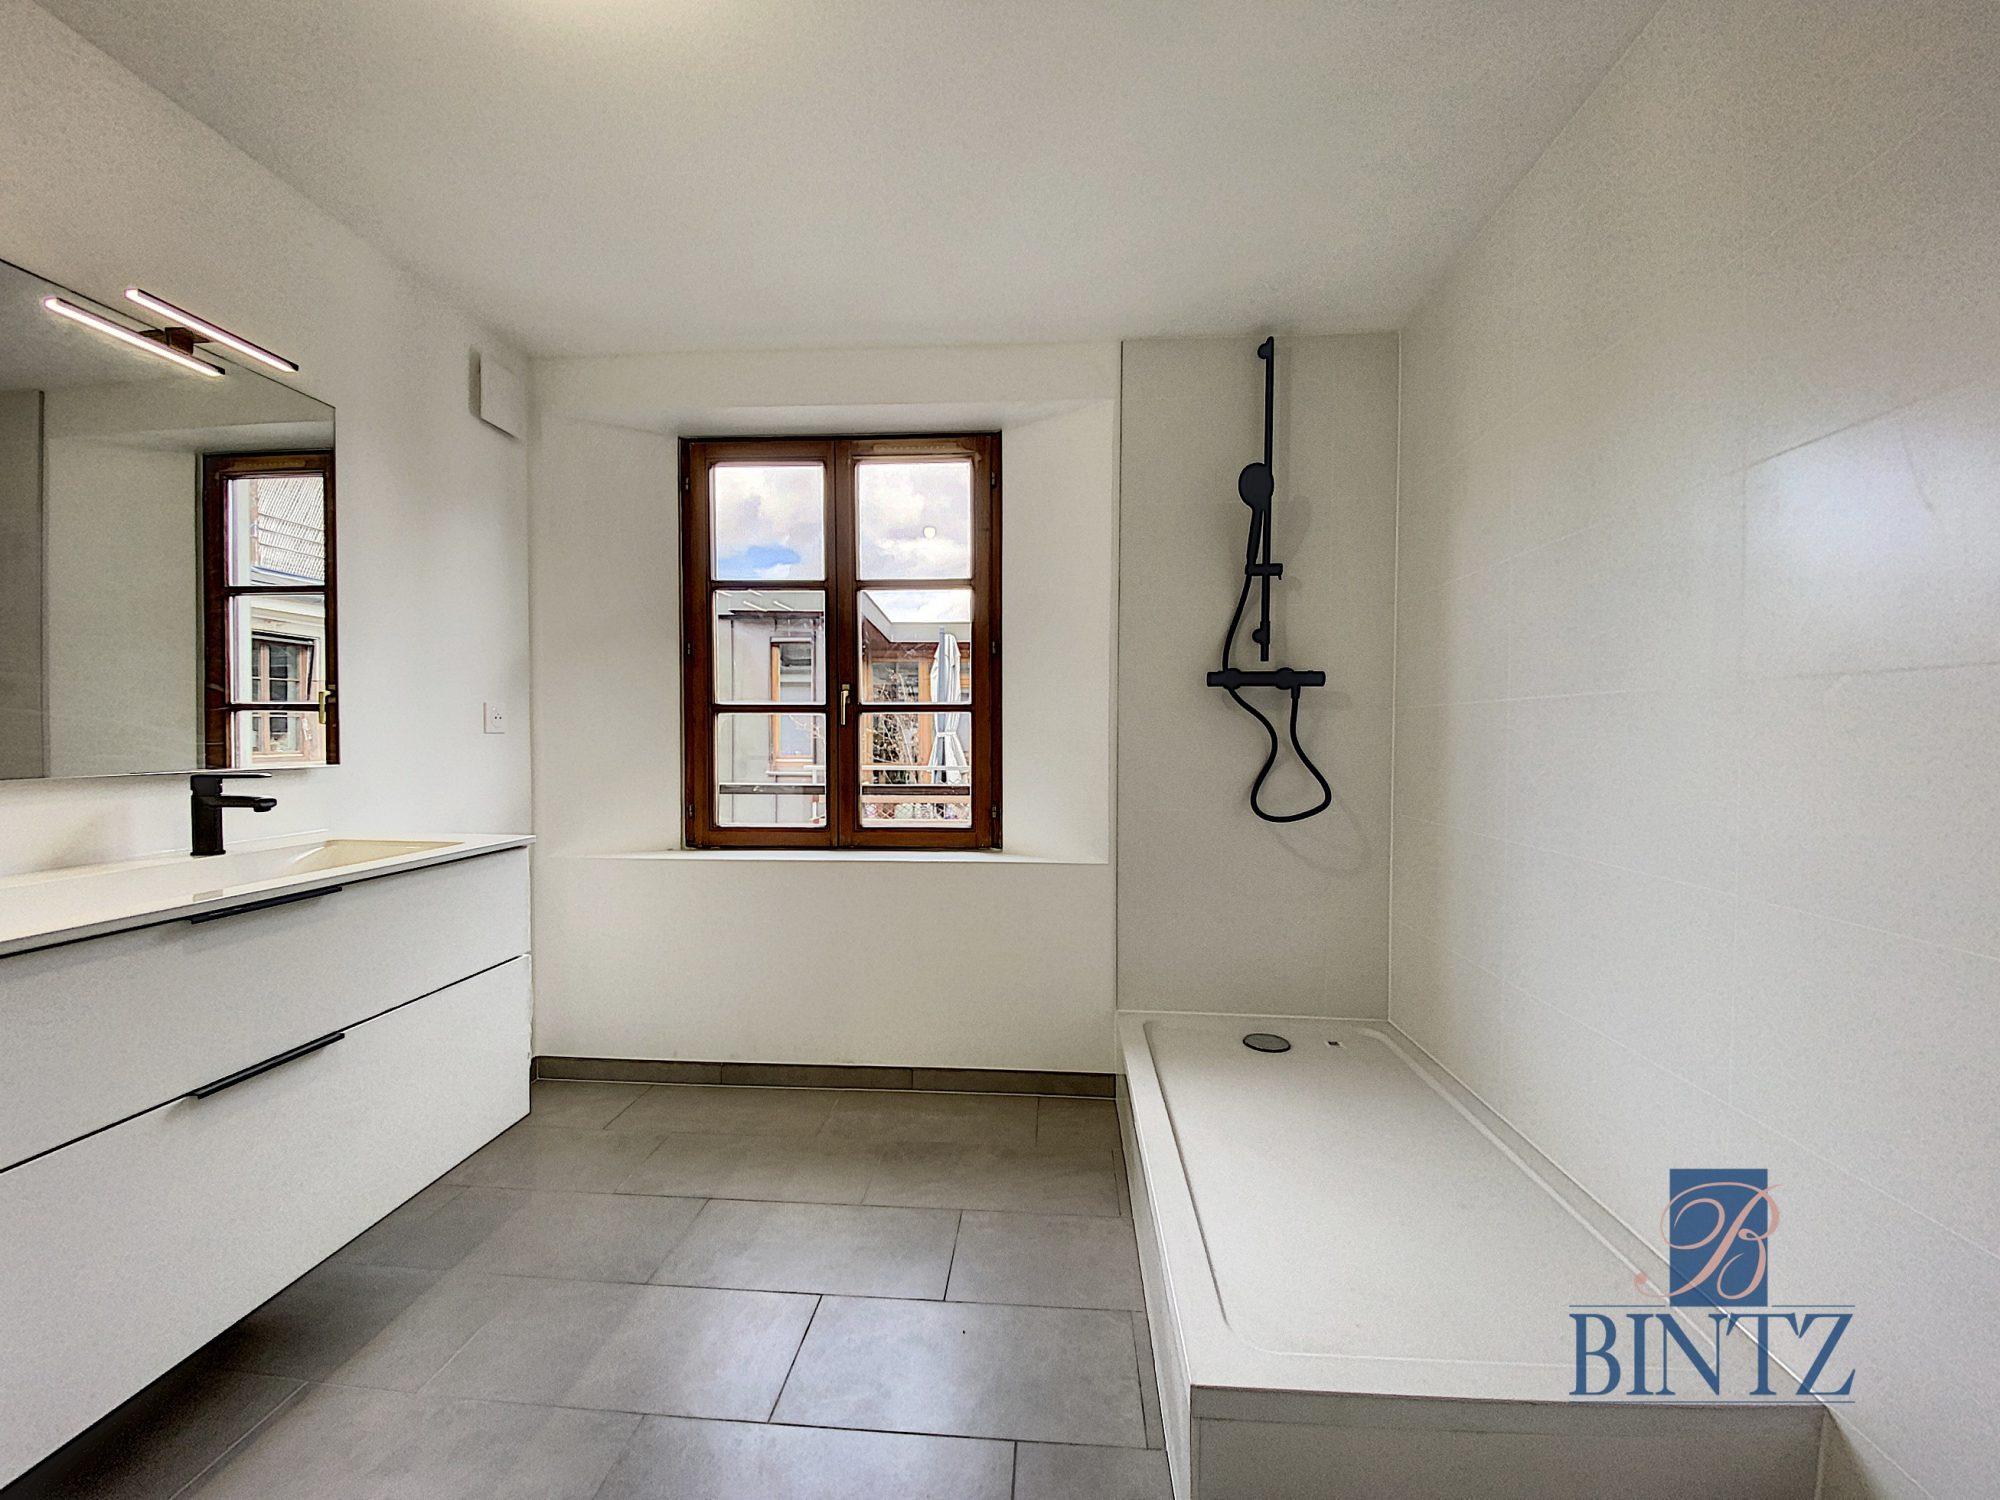 4 pièces refait à neuf quartier Gare - Devenez locataire en toute sérénité - Bintz Immobilier - 4